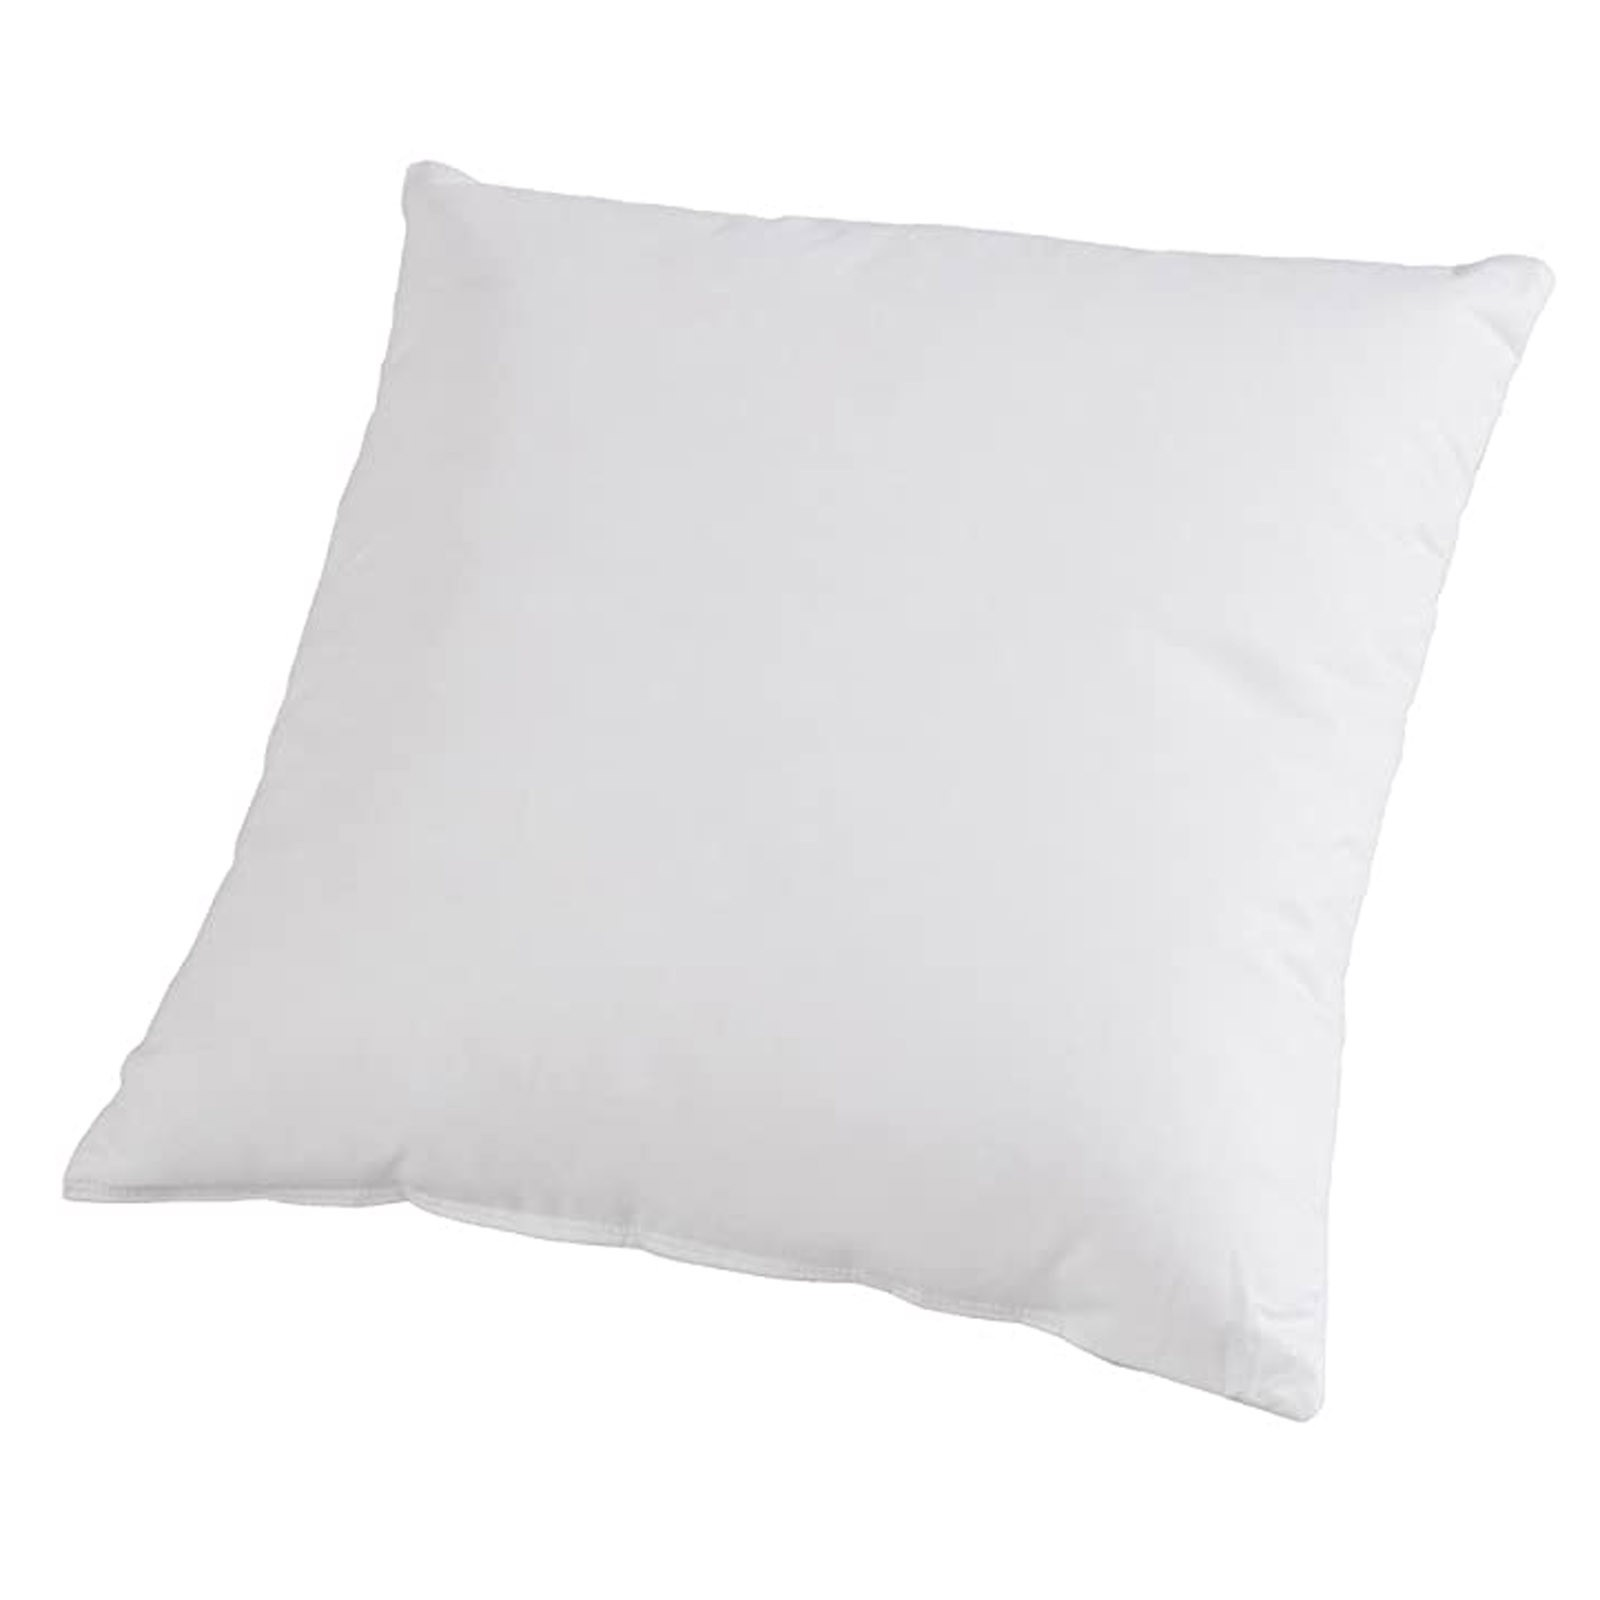 Подушка для дома и гостиницы с внутренним наполнителем, Белая Подушка для изголовья кровати из нетканого материала с шерстяной тканью 30x3 0/...